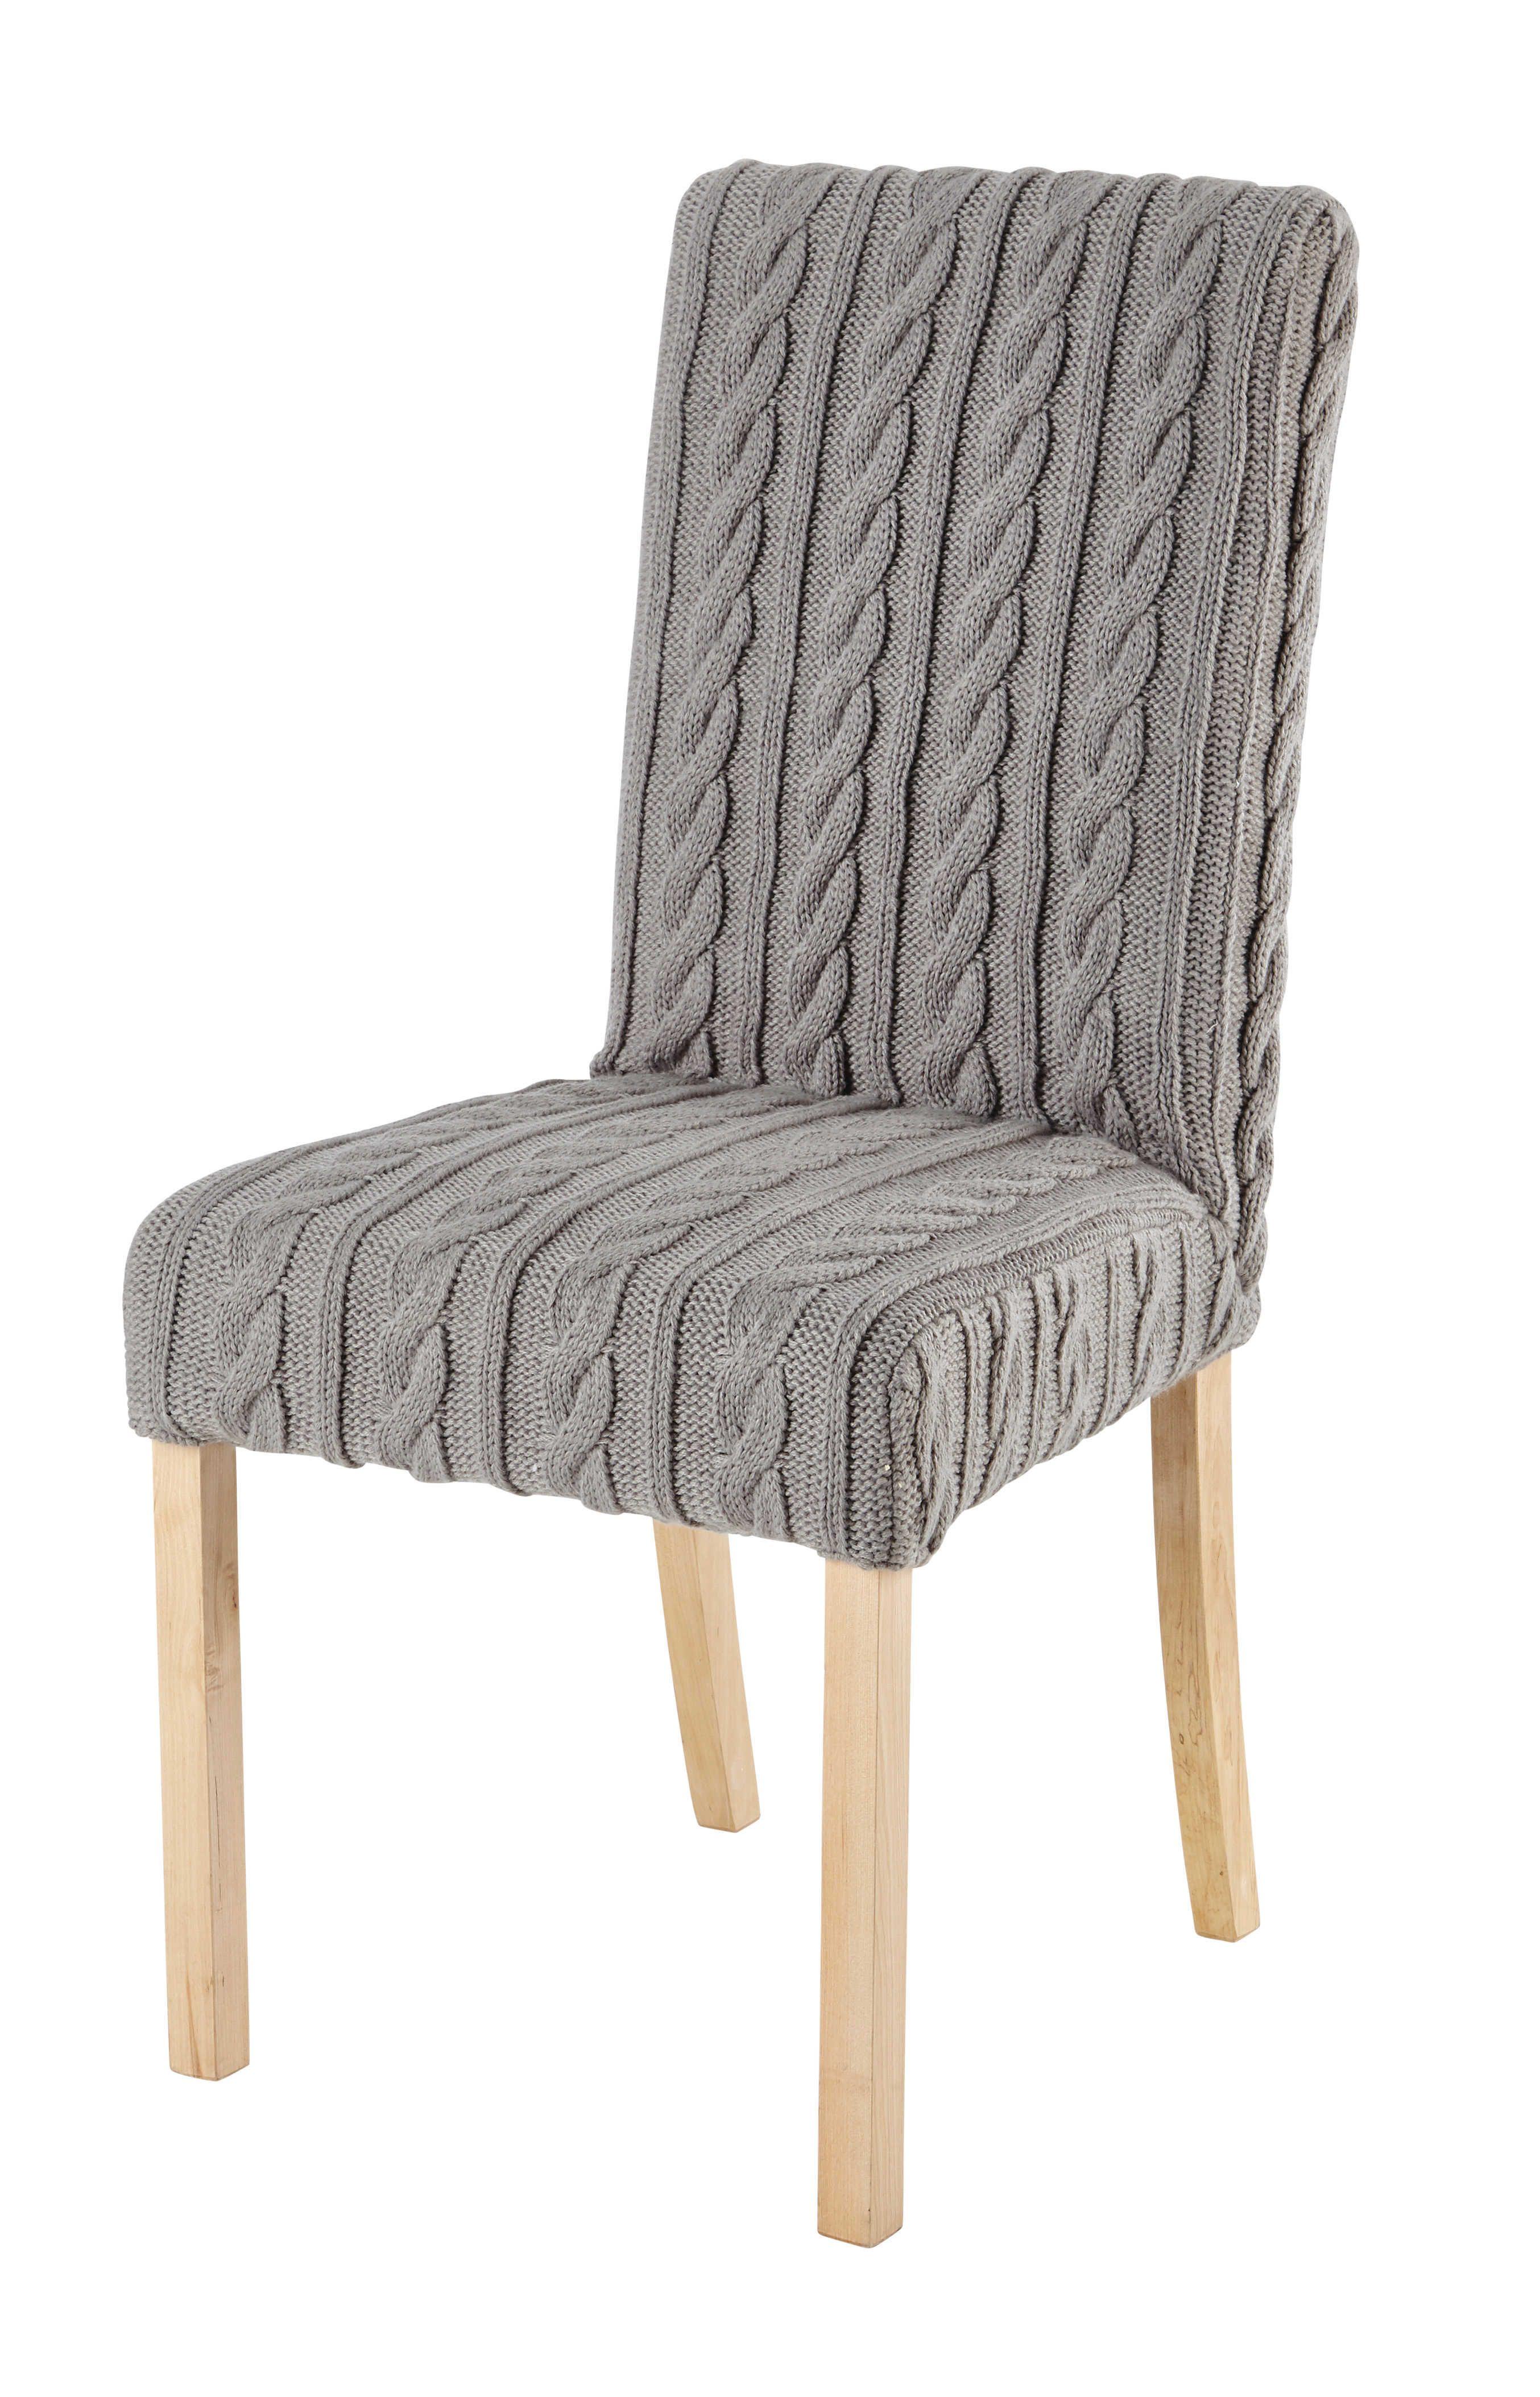 housse de chaise tricot e grise margaux d co interieur. Black Bedroom Furniture Sets. Home Design Ideas